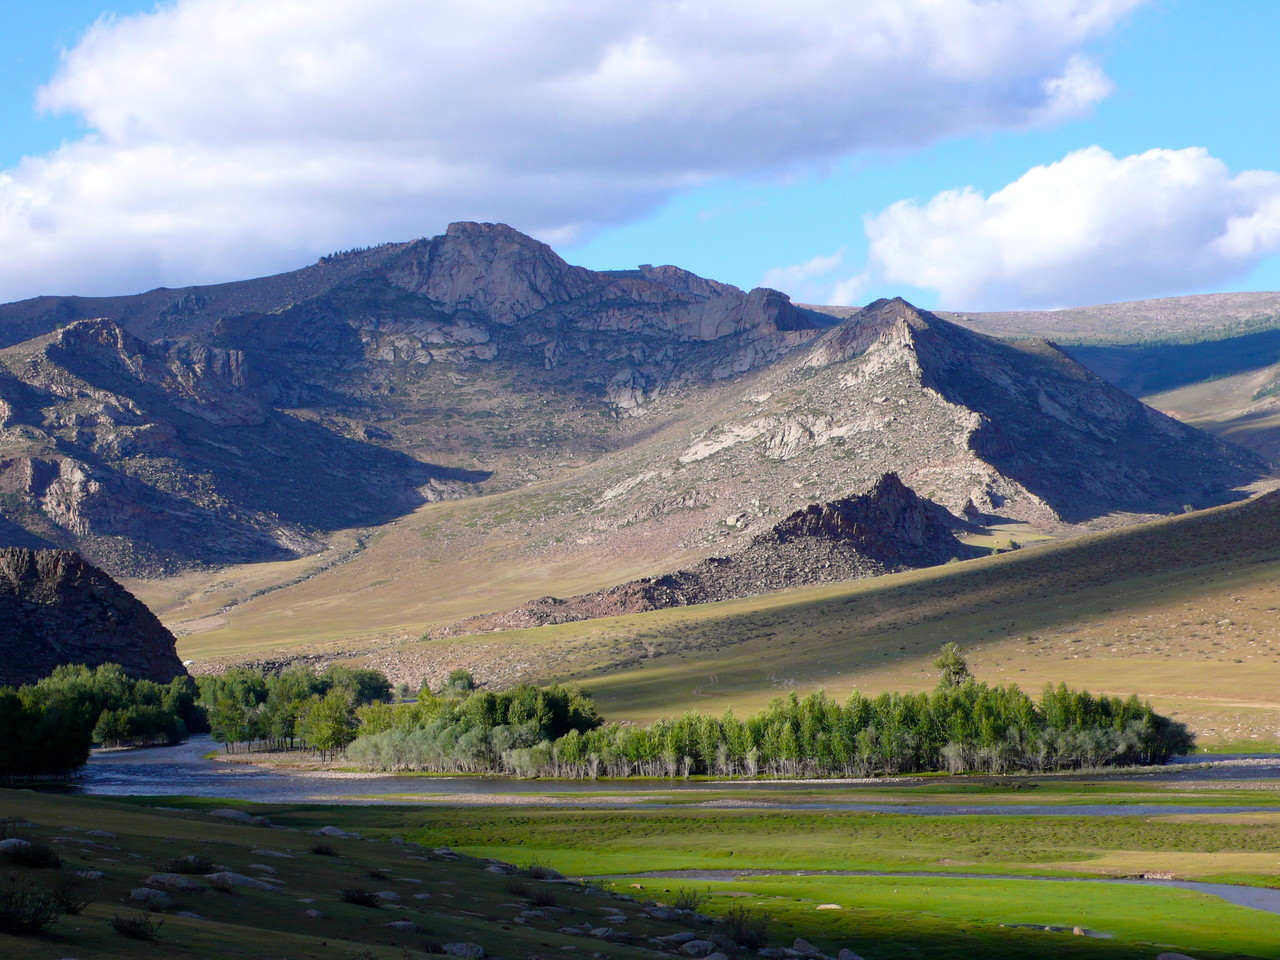 Pente escarpé de haute montagne, roches de couleurs ocres